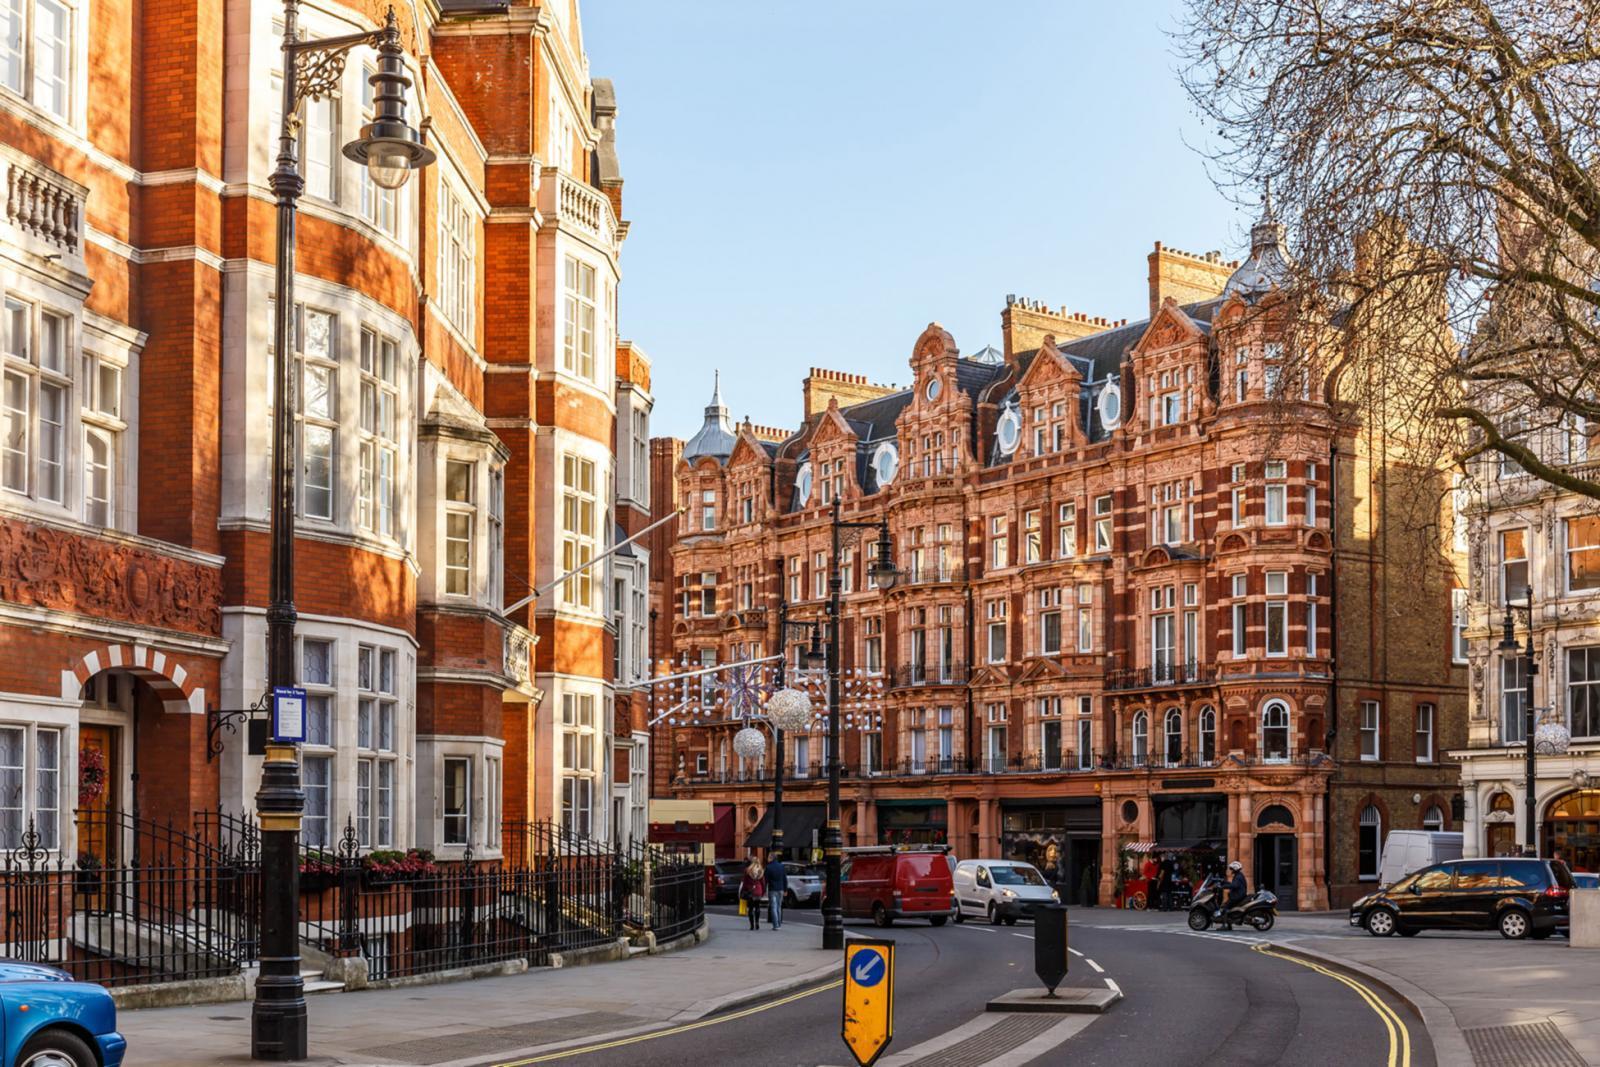 Mount Street in Mayfair, London